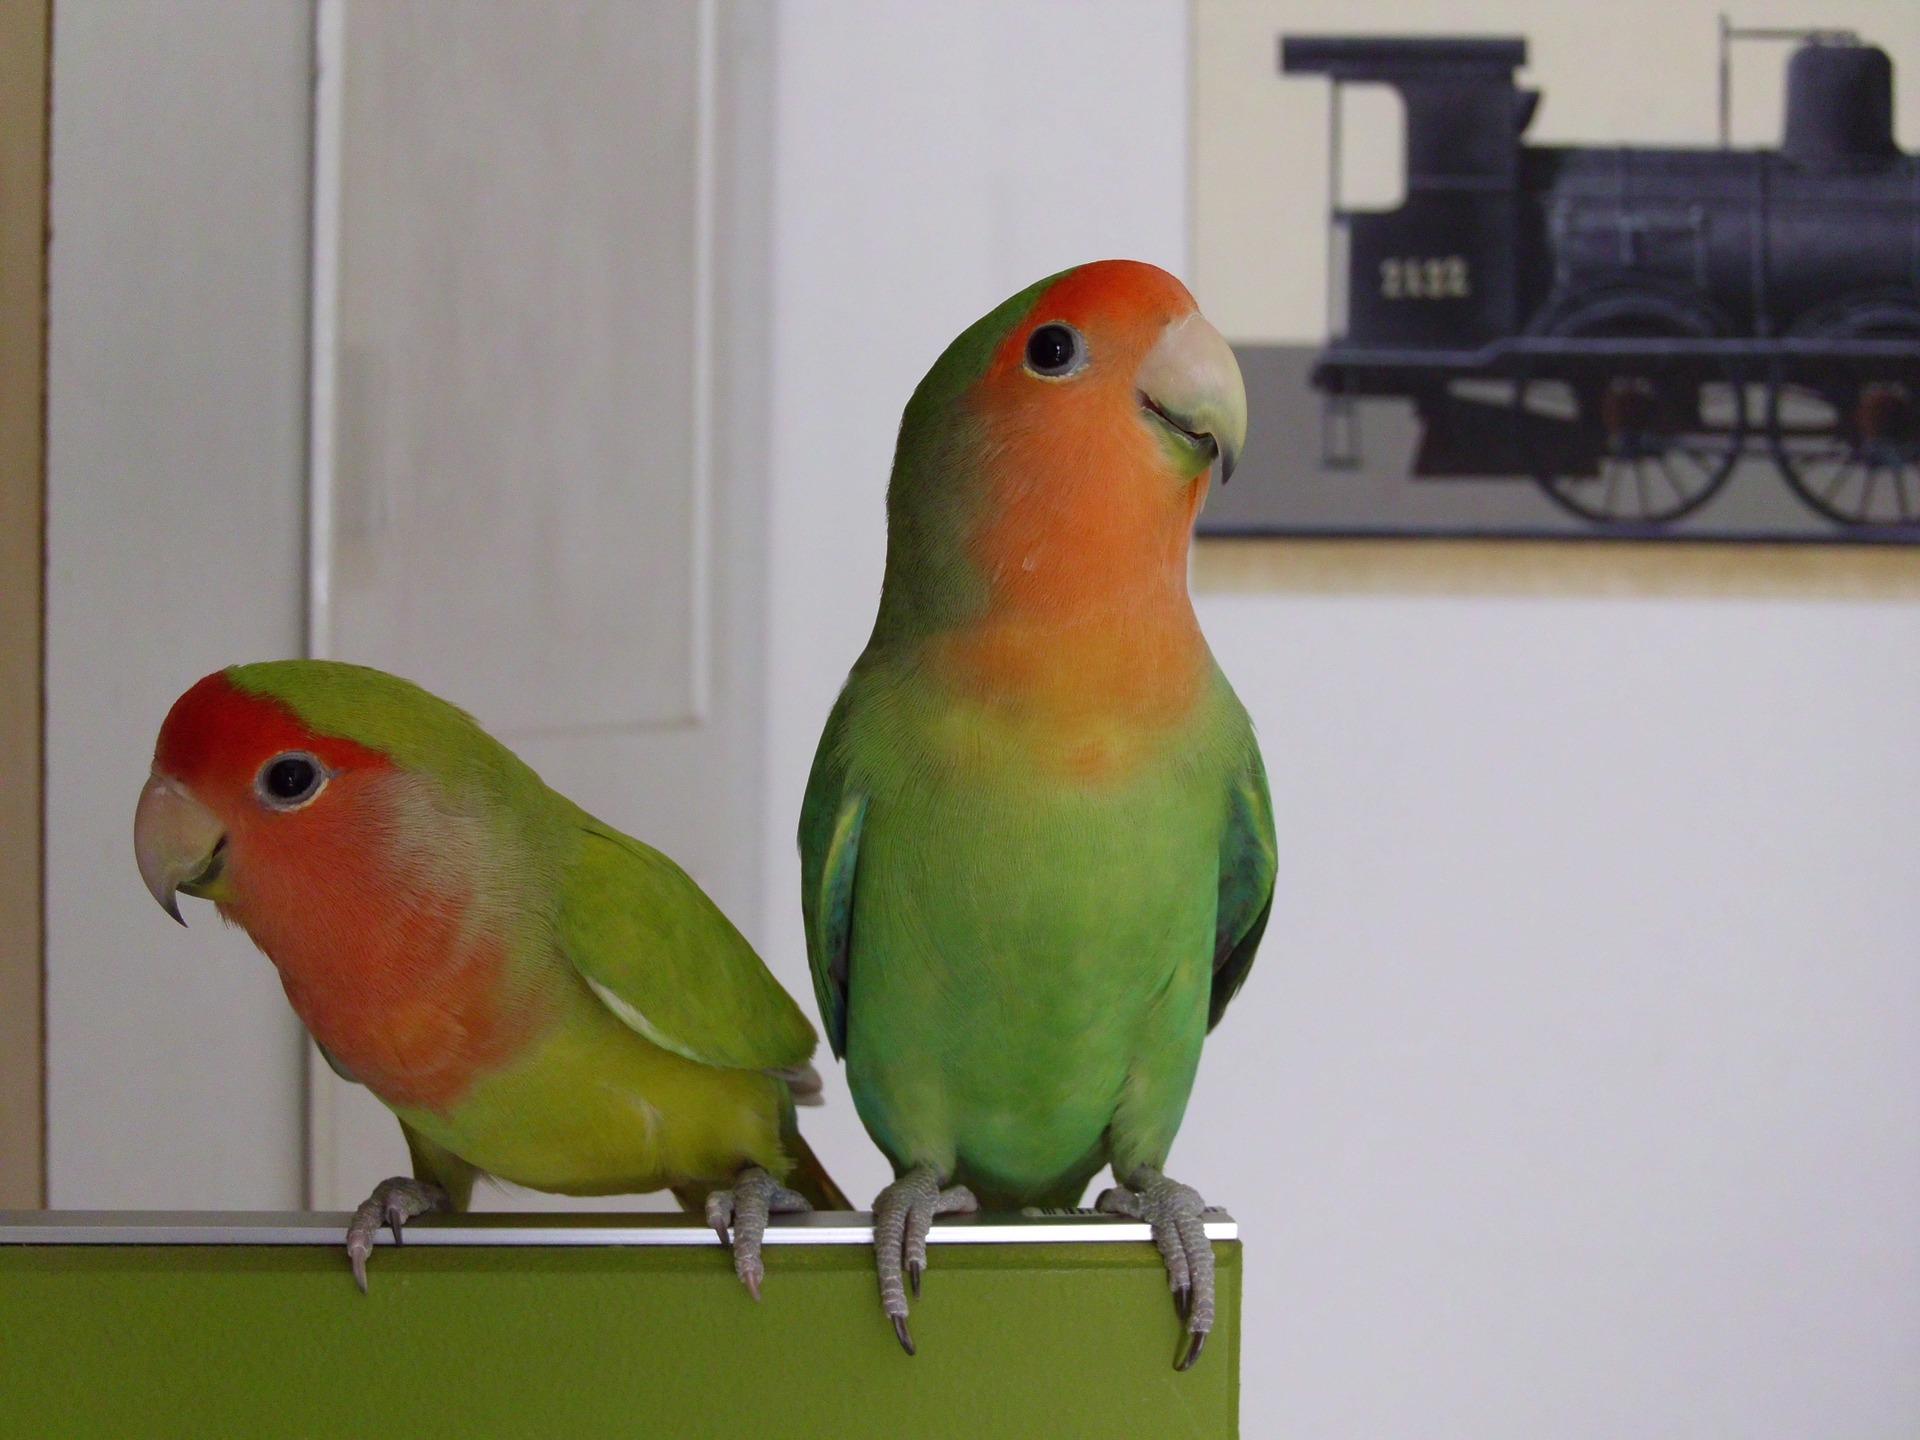 parrot-561875_1920.jpg